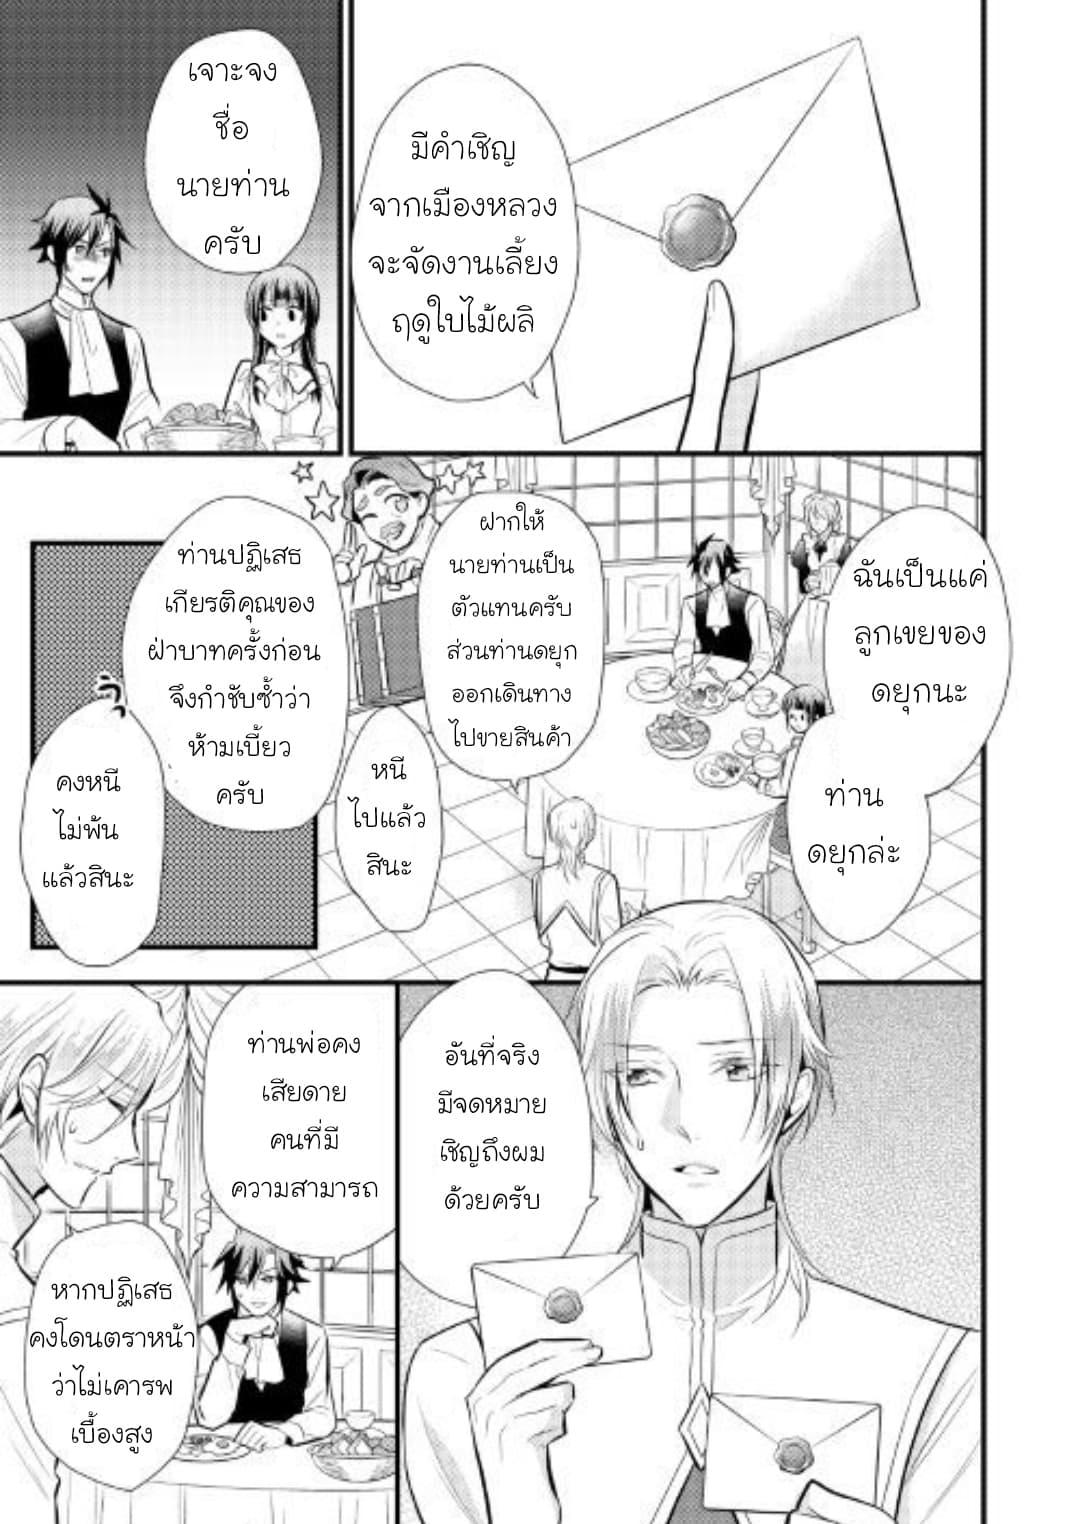 อ่านการ์ตูน Daites Ryou Koubouki ตอนที่ 18 หน้าที่ 9